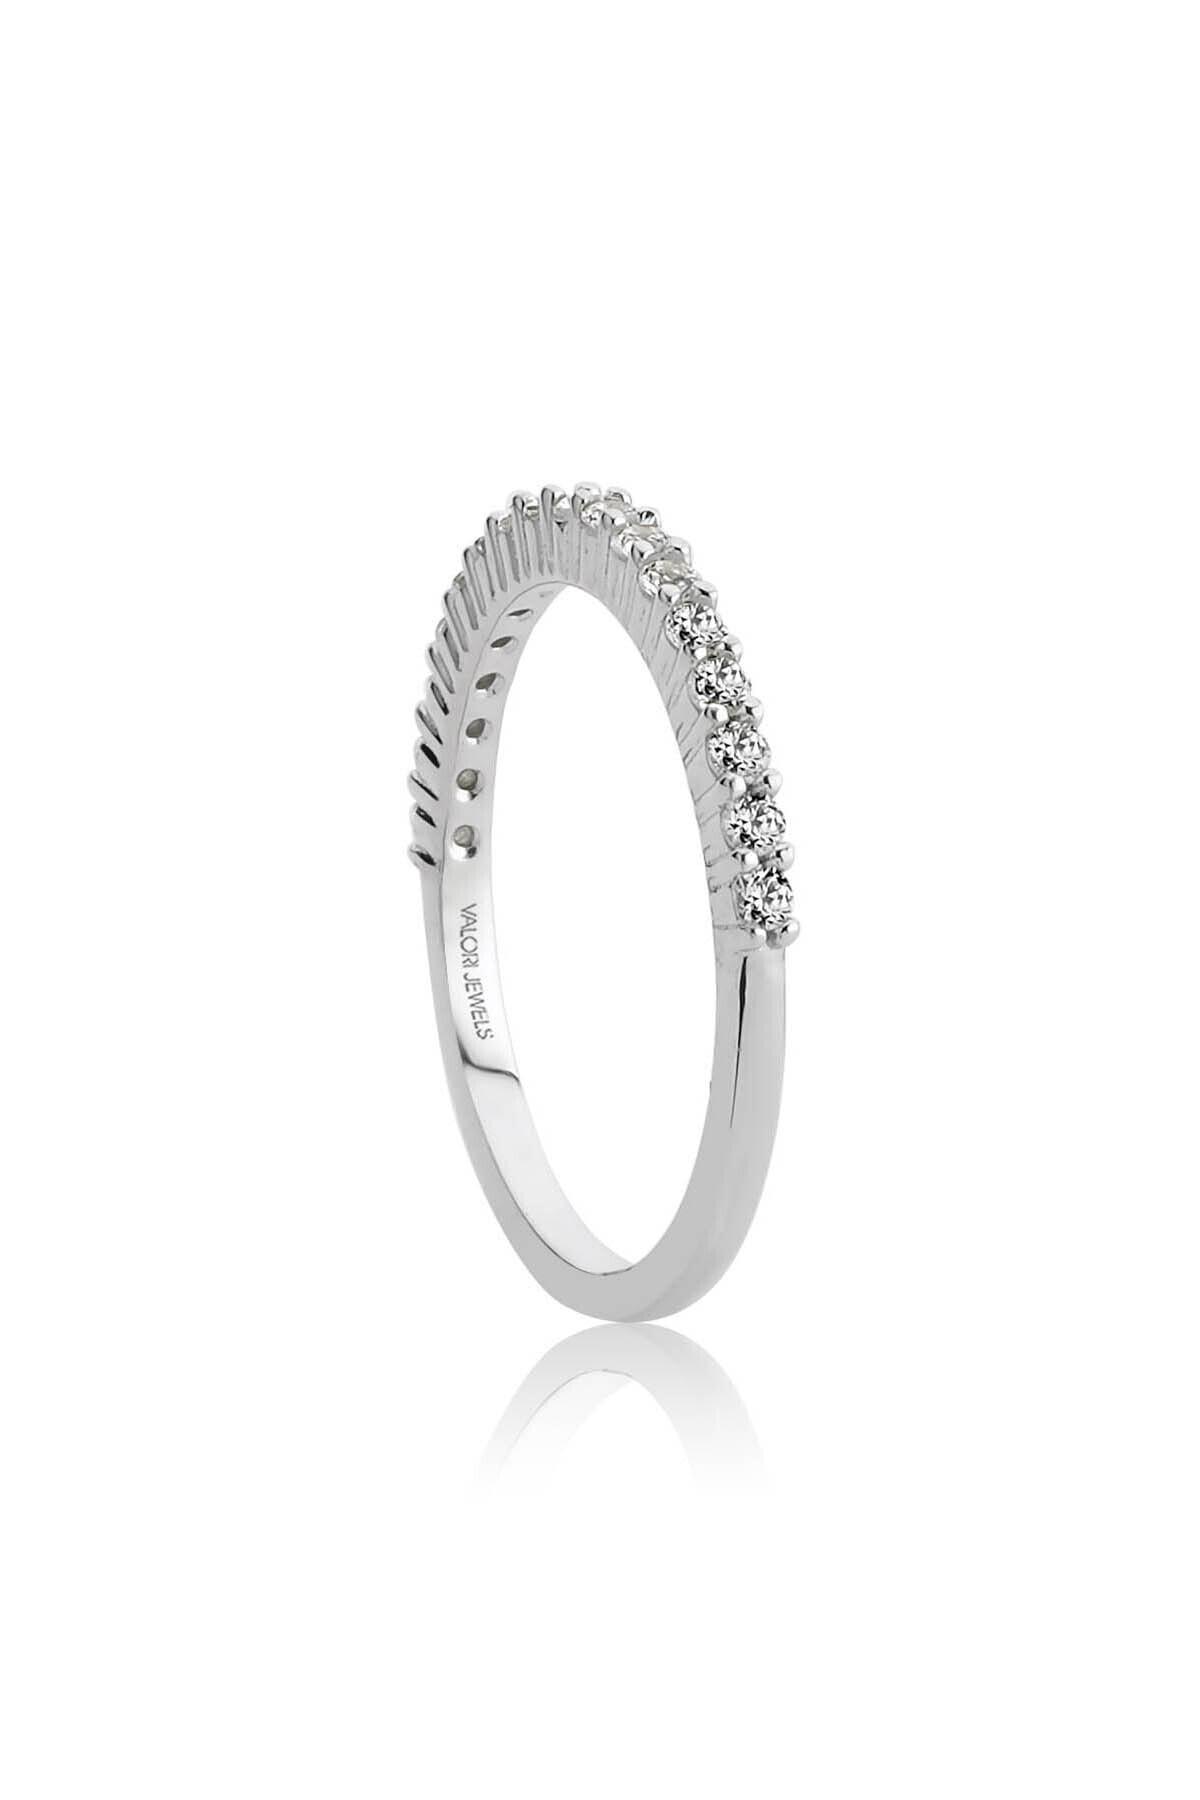 Valori Jewels Yarımtur Zirkon Beyaz Taşlı, Gümüş Yüzük 2